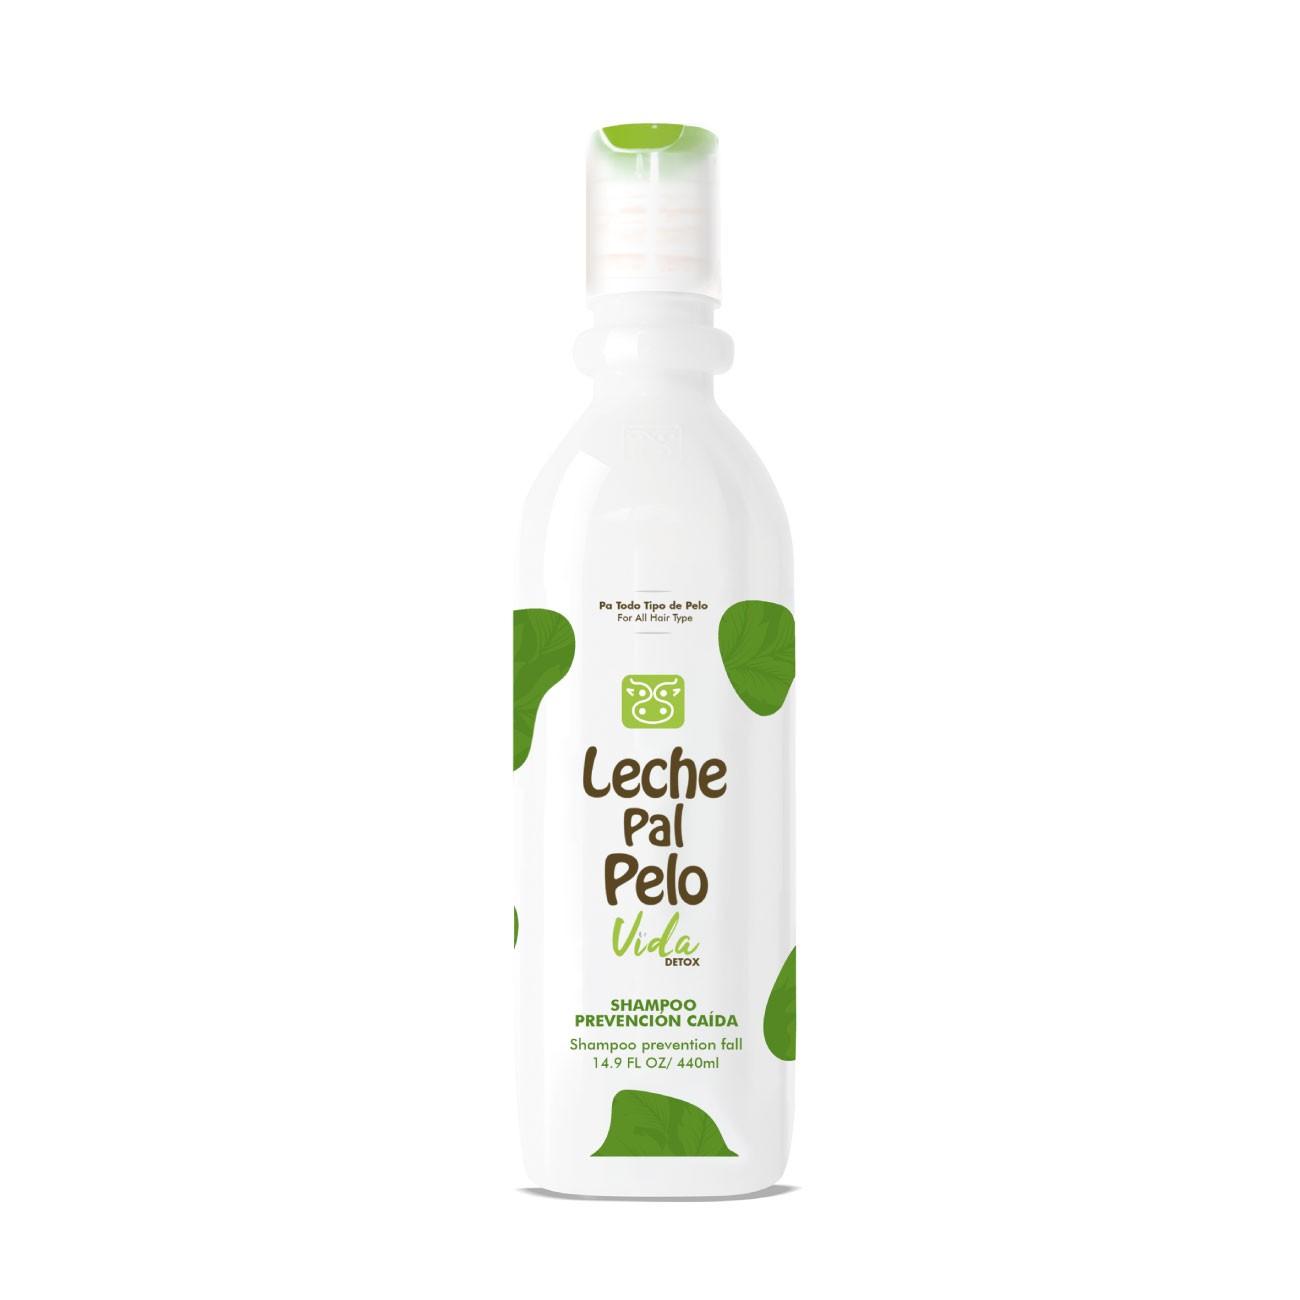 Vida Detox Shampoo Prevención Caída Leche Pal Pelo